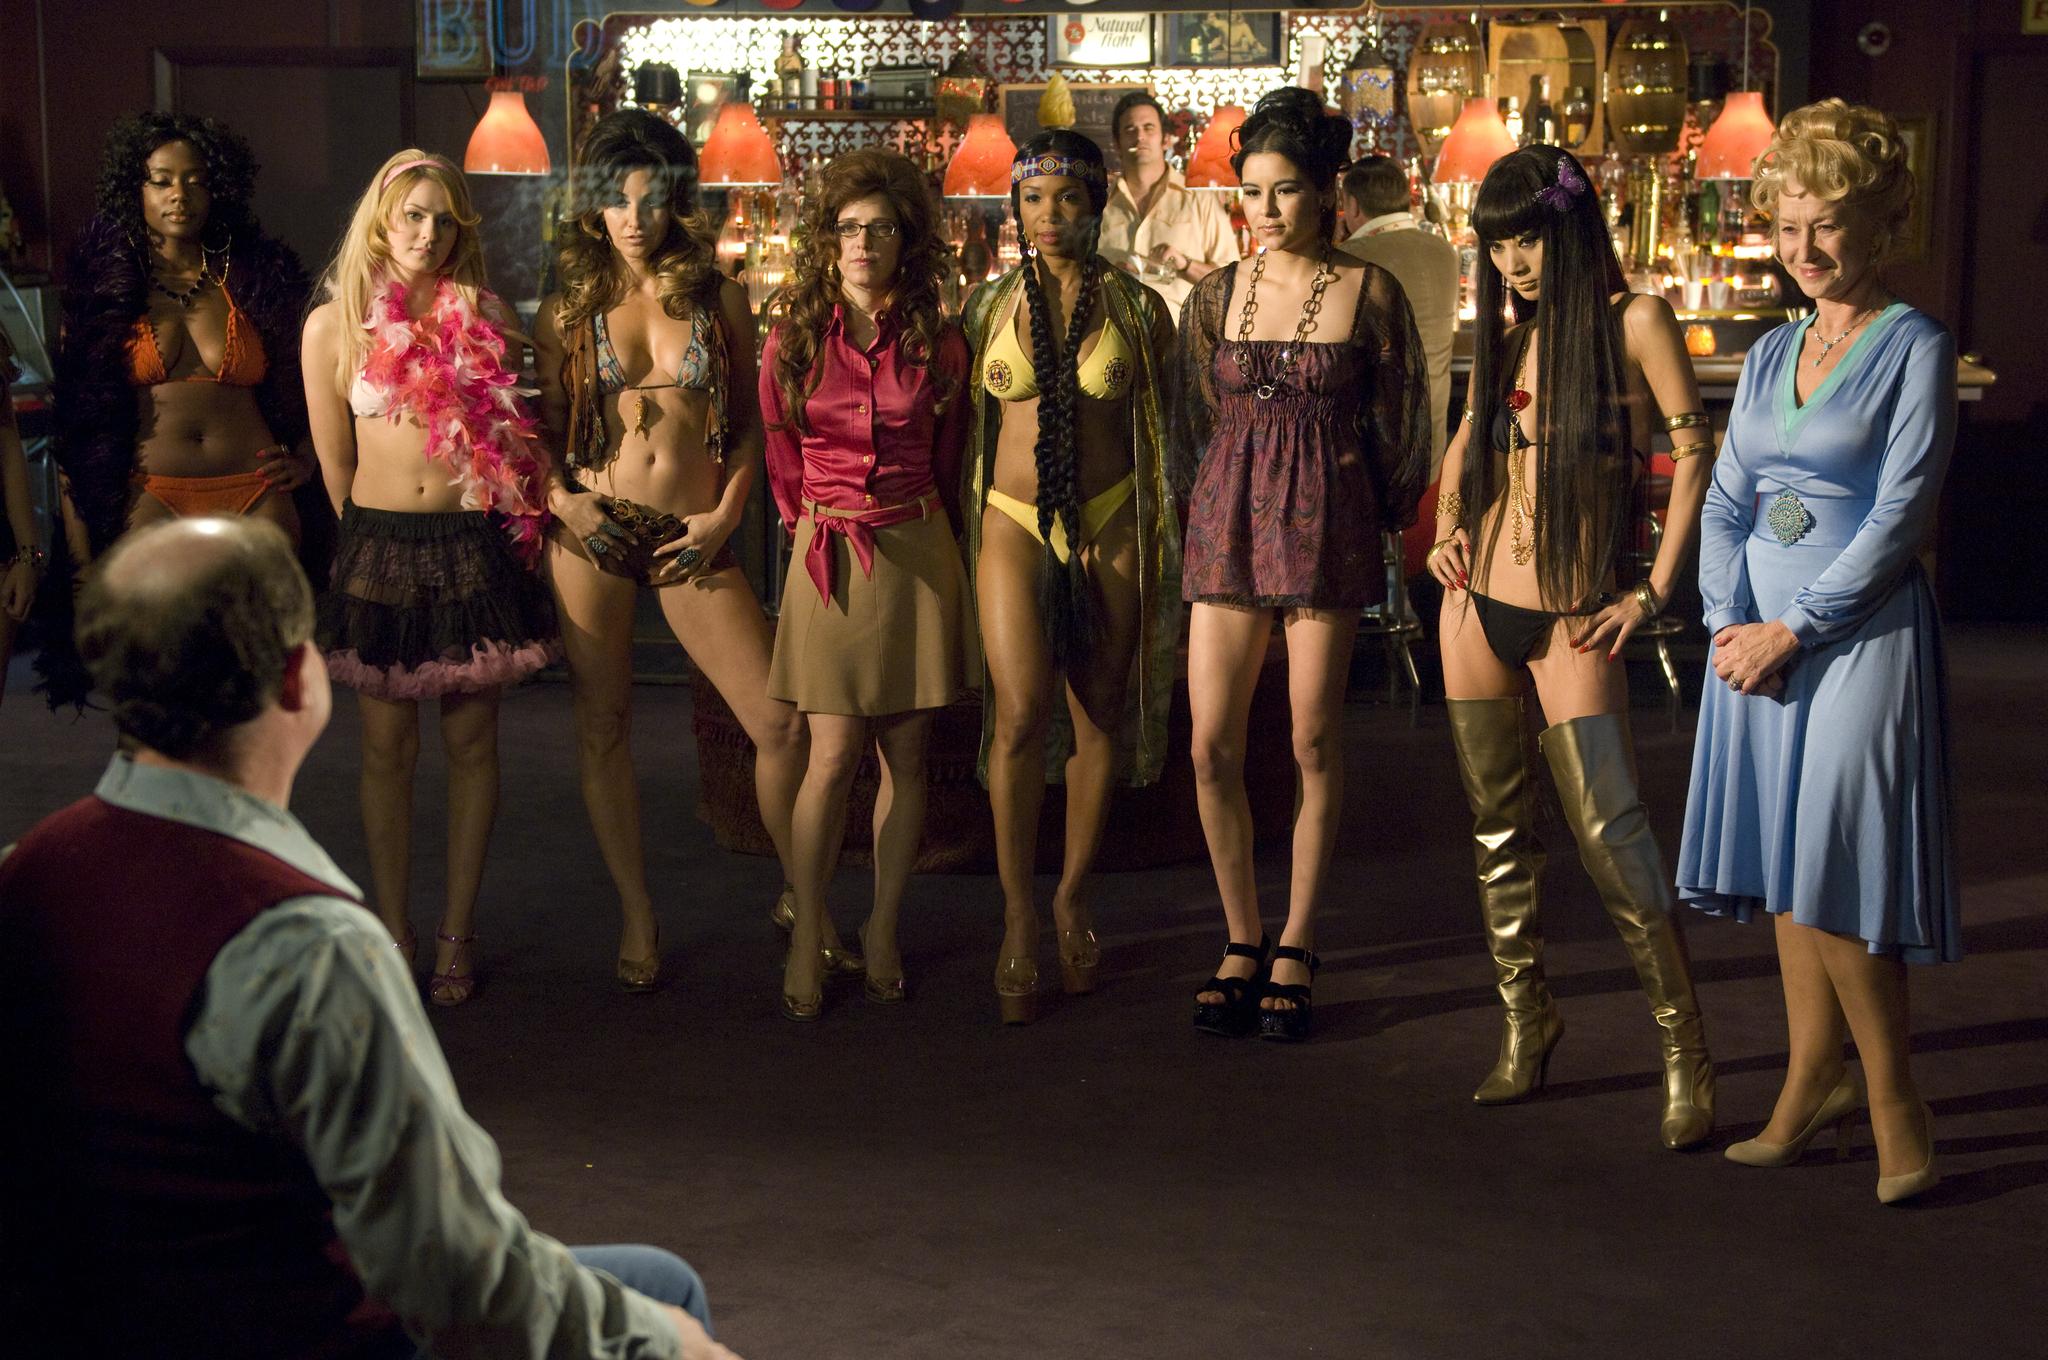 Проститутки фильм россия проститутки излучинска